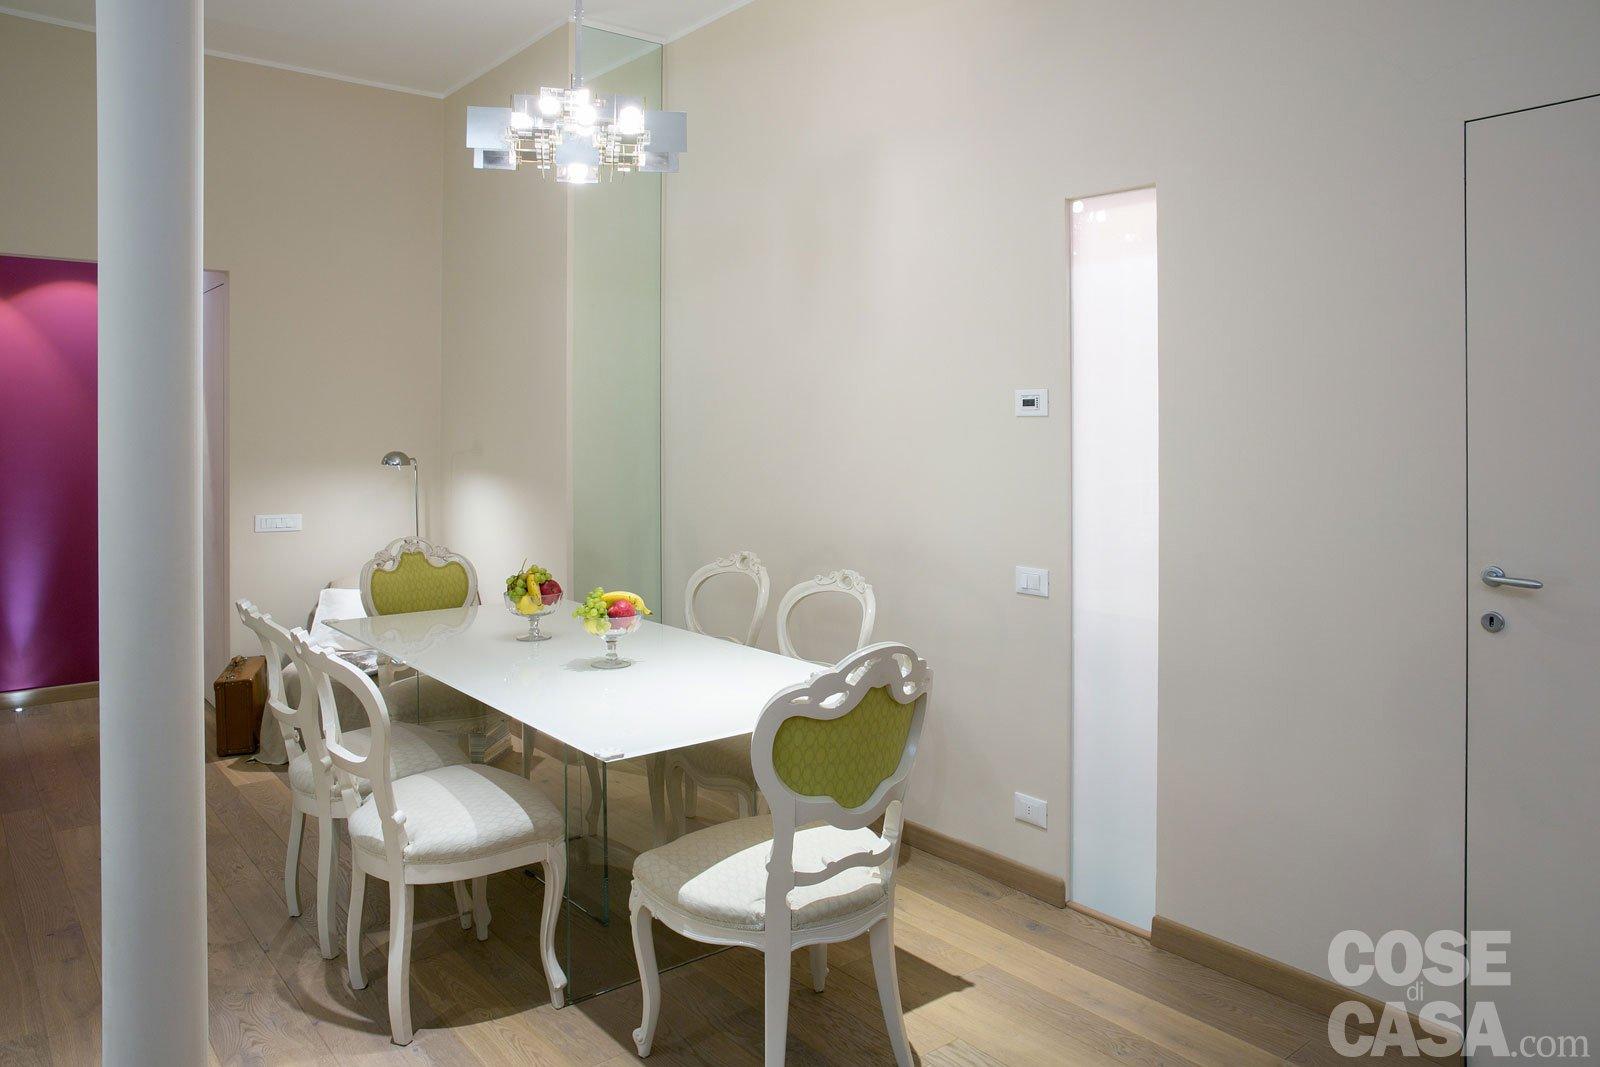 Cucina Angolare Per Piccoli Spazi | Cucine Piccole Moderne ...